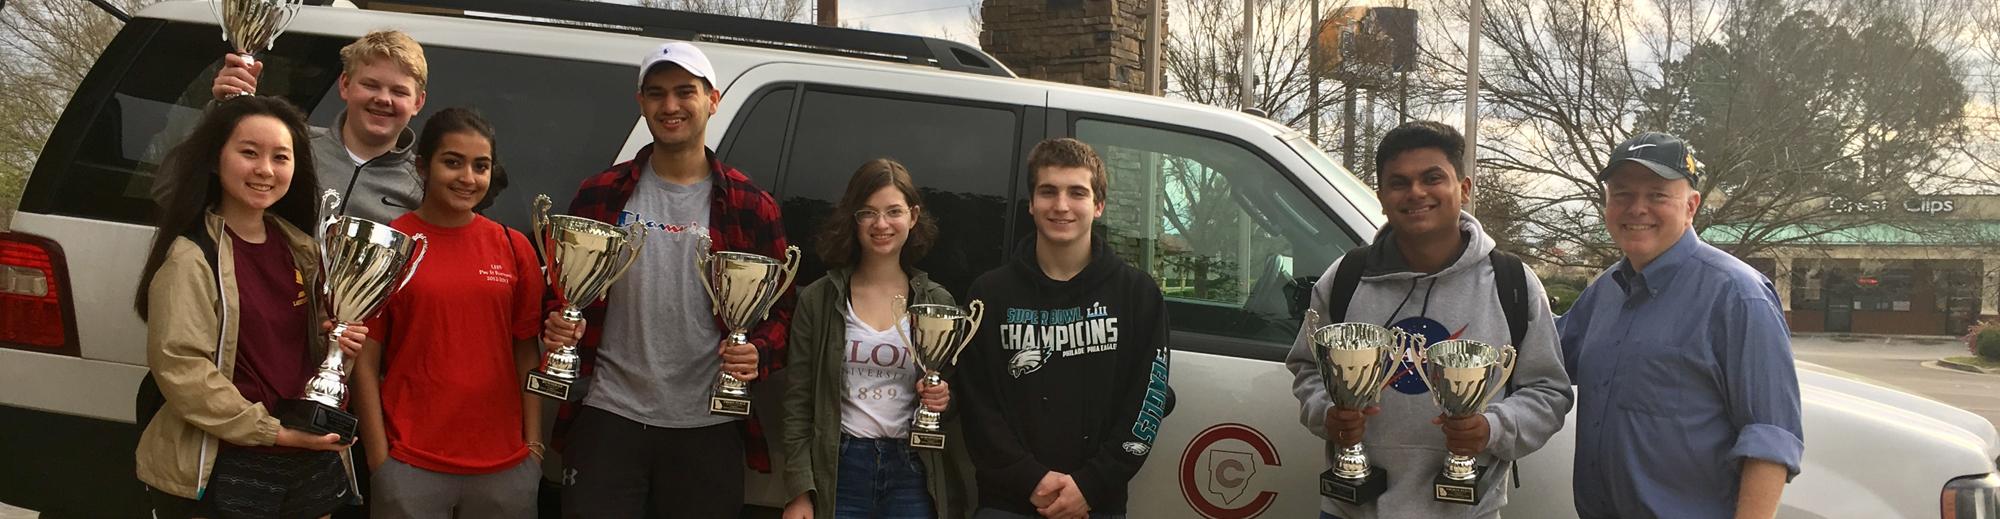 Debate team members holding trophies